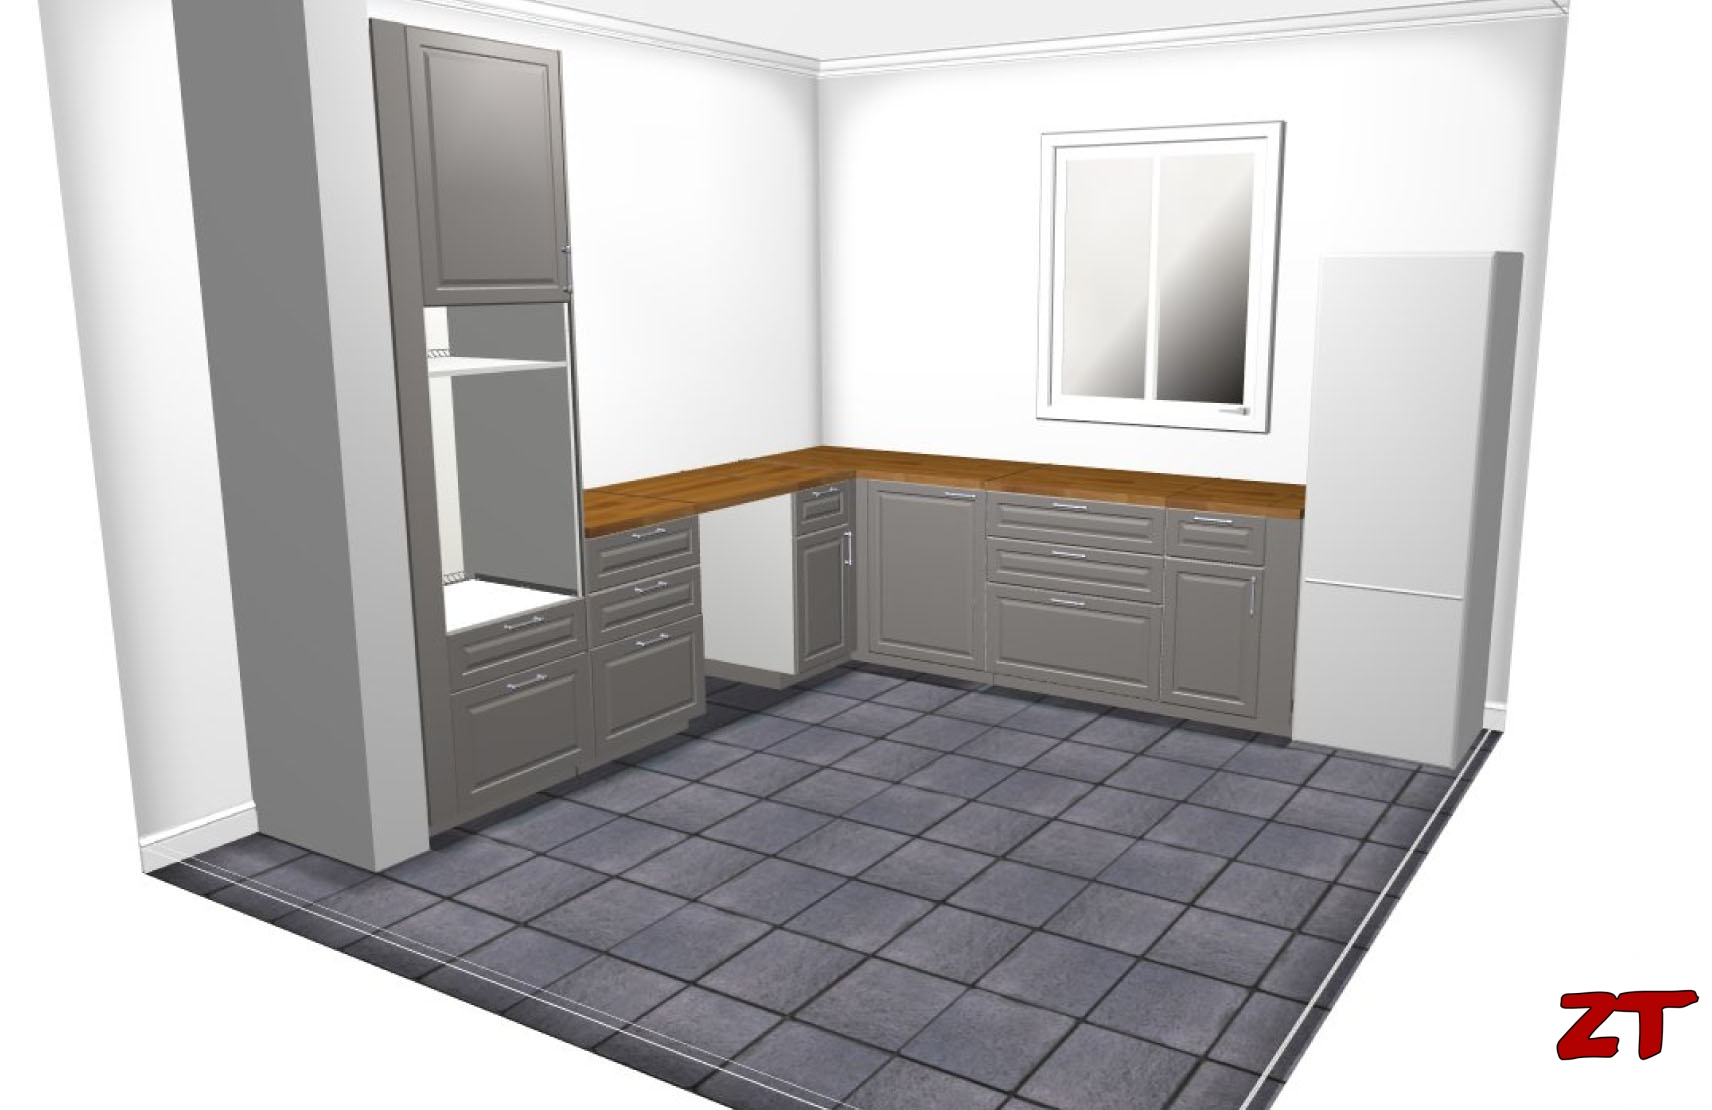 prix pour refaire electricit maison great cheap refaire electrique appartement store occultant. Black Bedroom Furniture Sets. Home Design Ideas